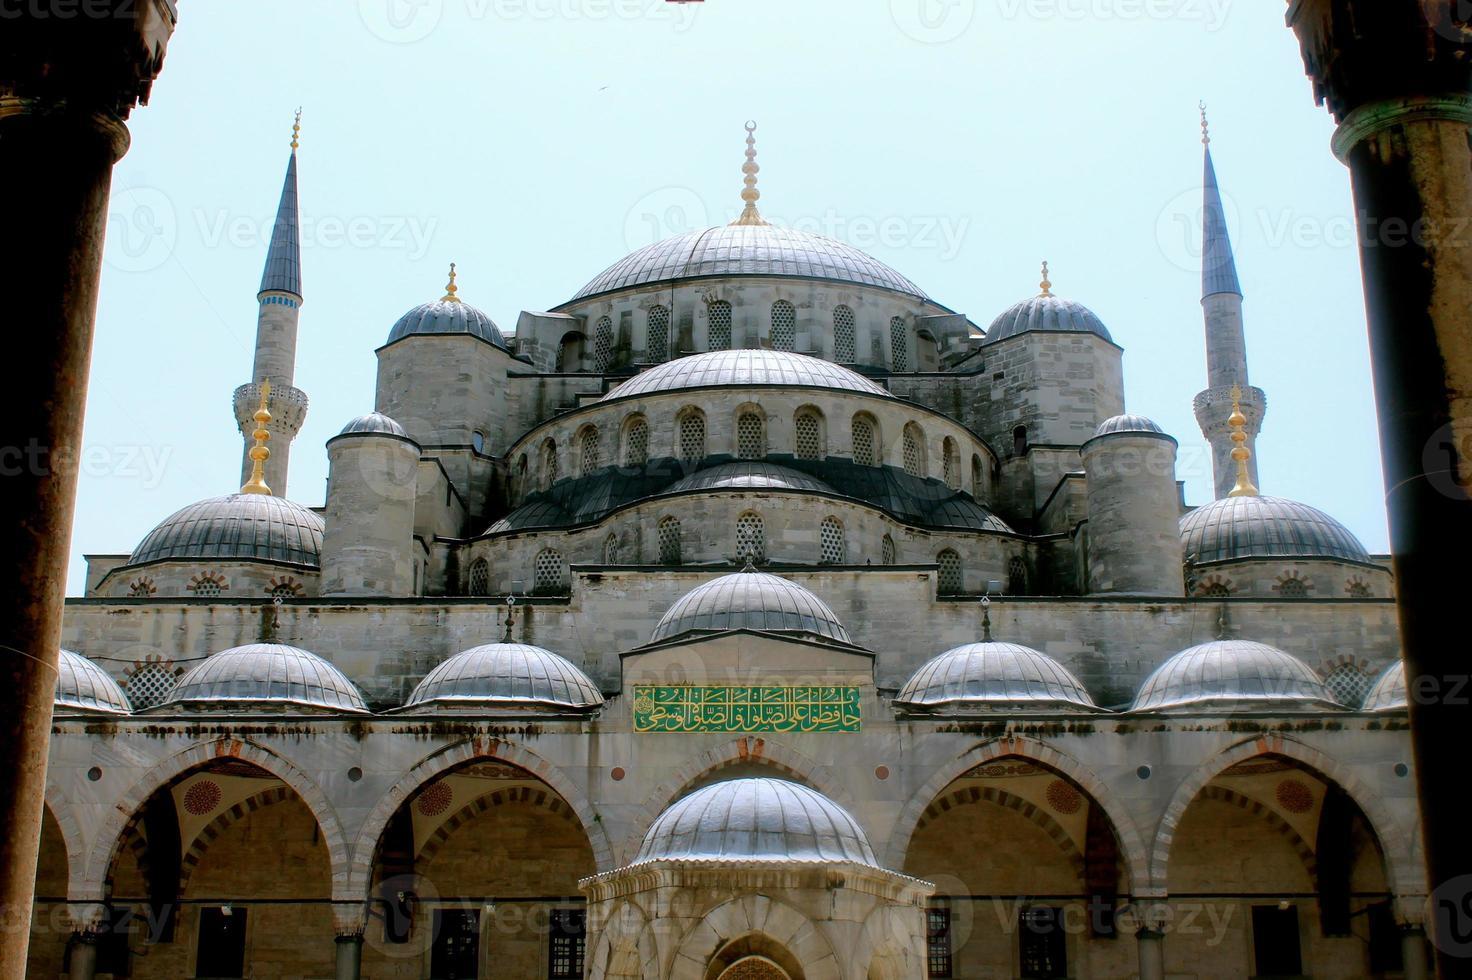 entrée de la mosquée bleue photo